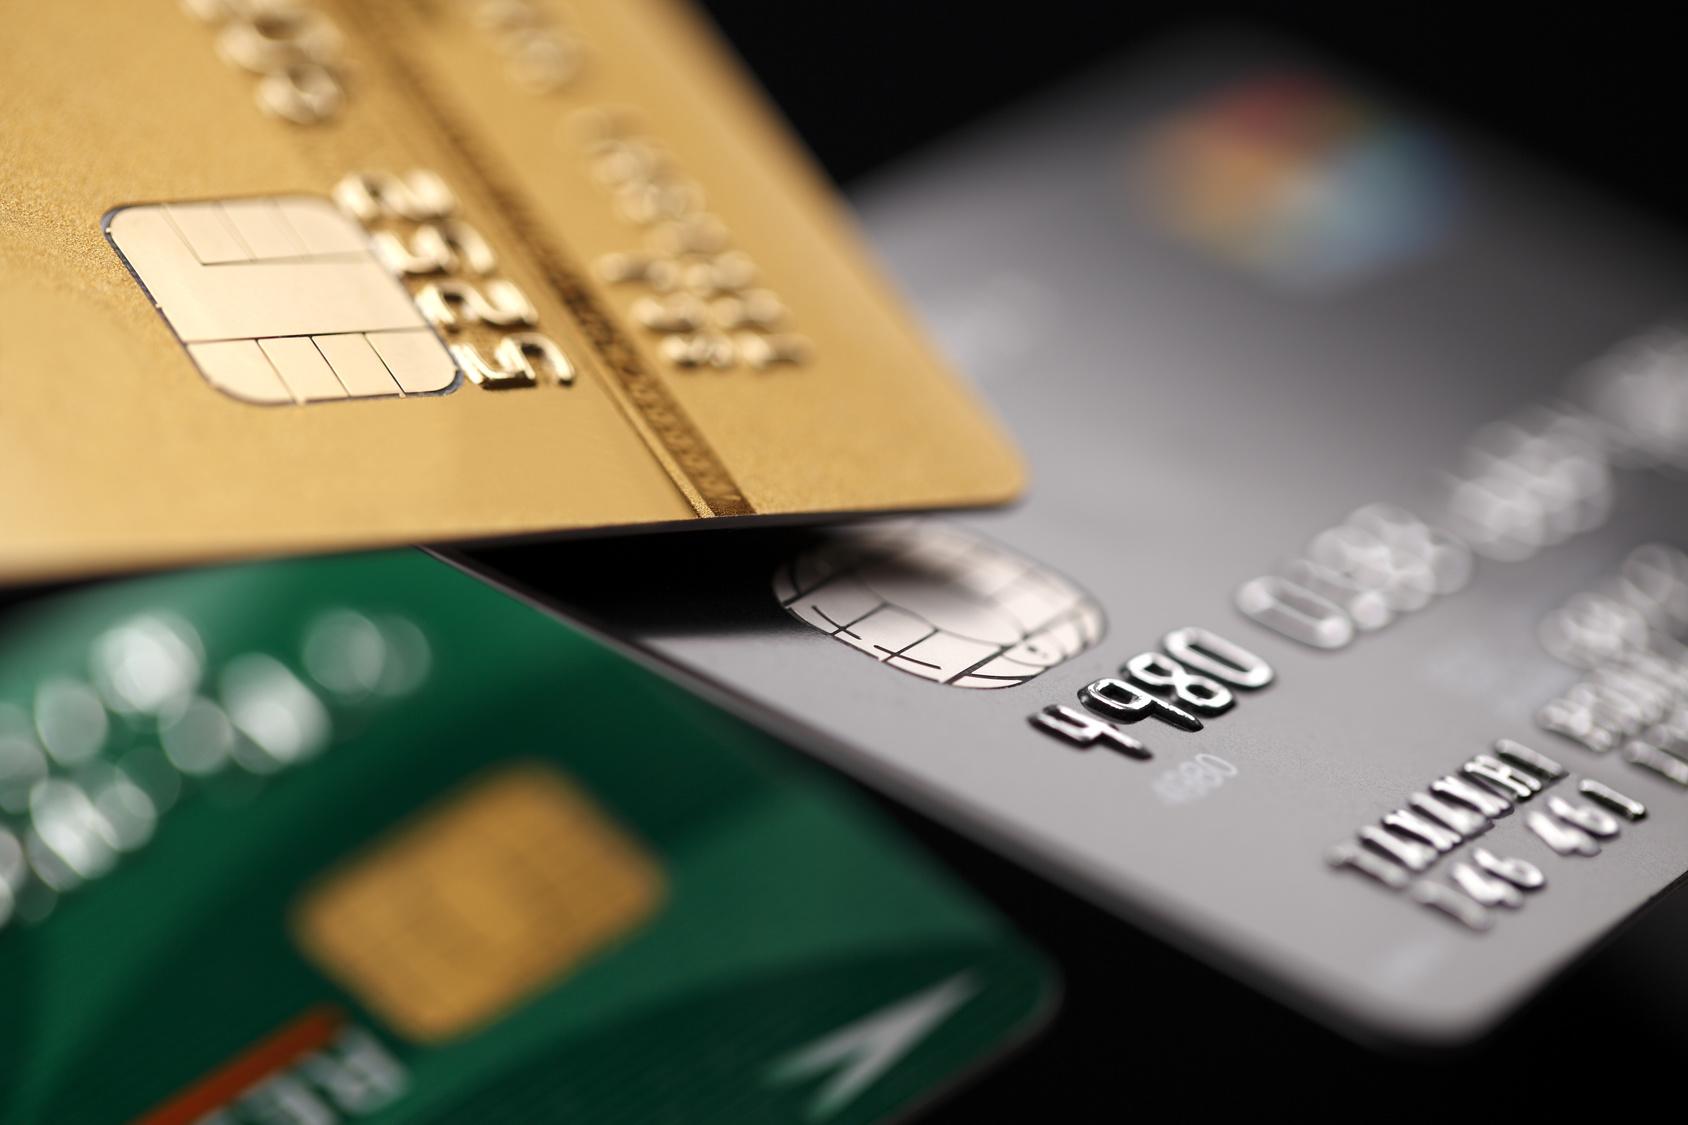 クレジットカード取材班がおすすめを厳選!ポイントを貯めて損のないショッピング